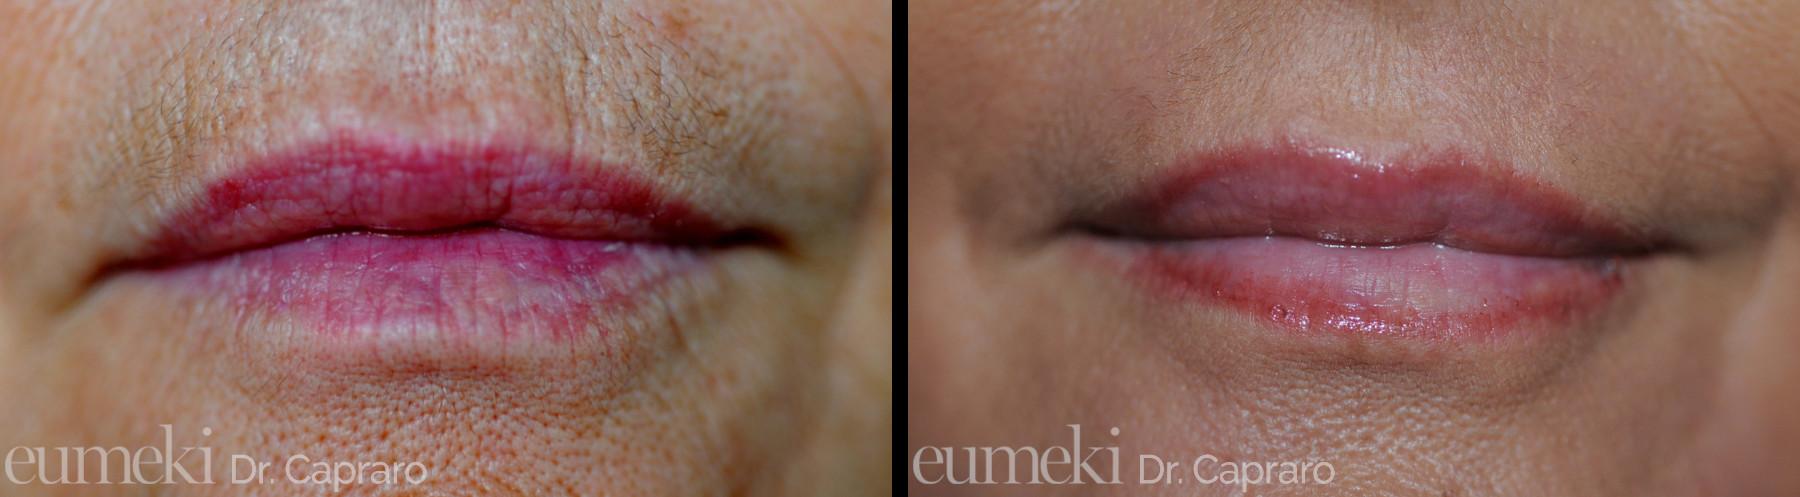 Caso 2 - Rimodellamento labbra con grasso e dermoabrasione - frontale